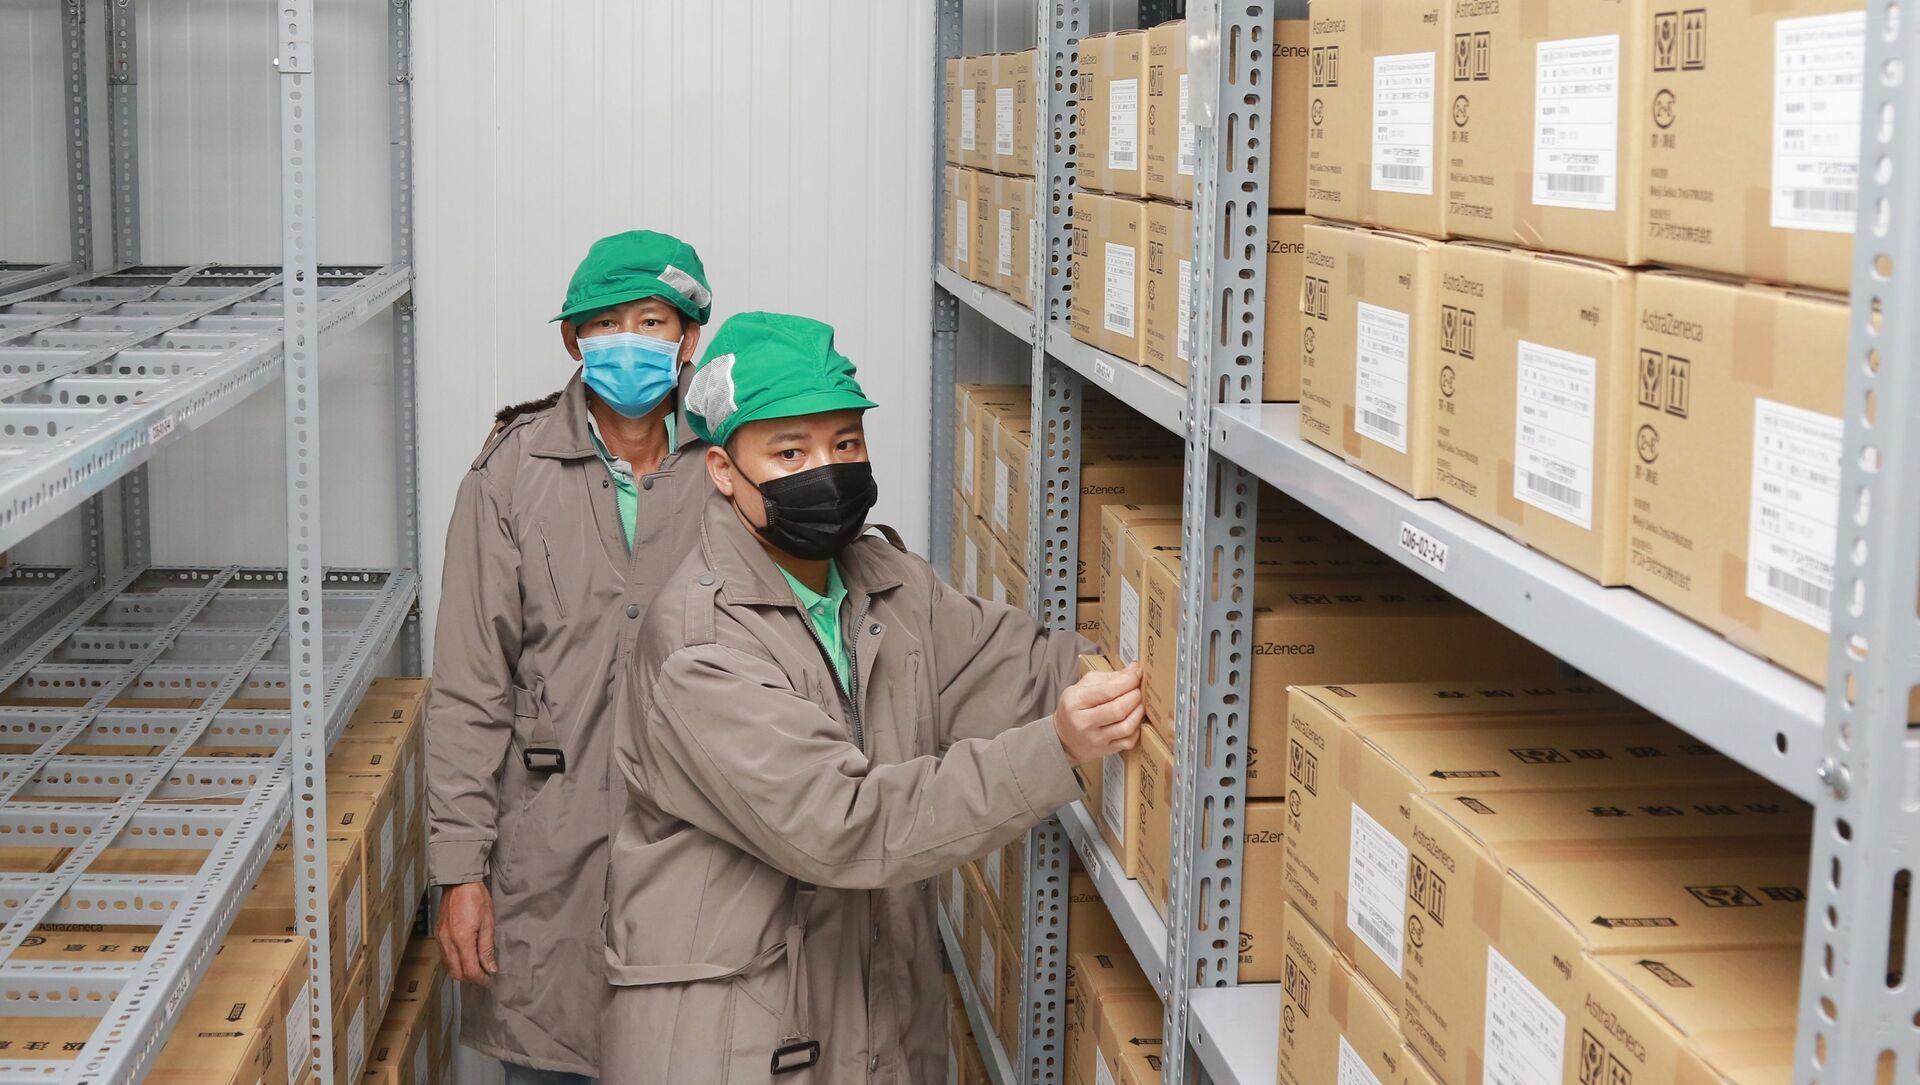 Công nhân Công ty dược mỹ phẩm May sắp xếp vaccine Astra Zeneca vào kho lạnh. - Sputnik Việt Nam, 1920, 02.07.2021